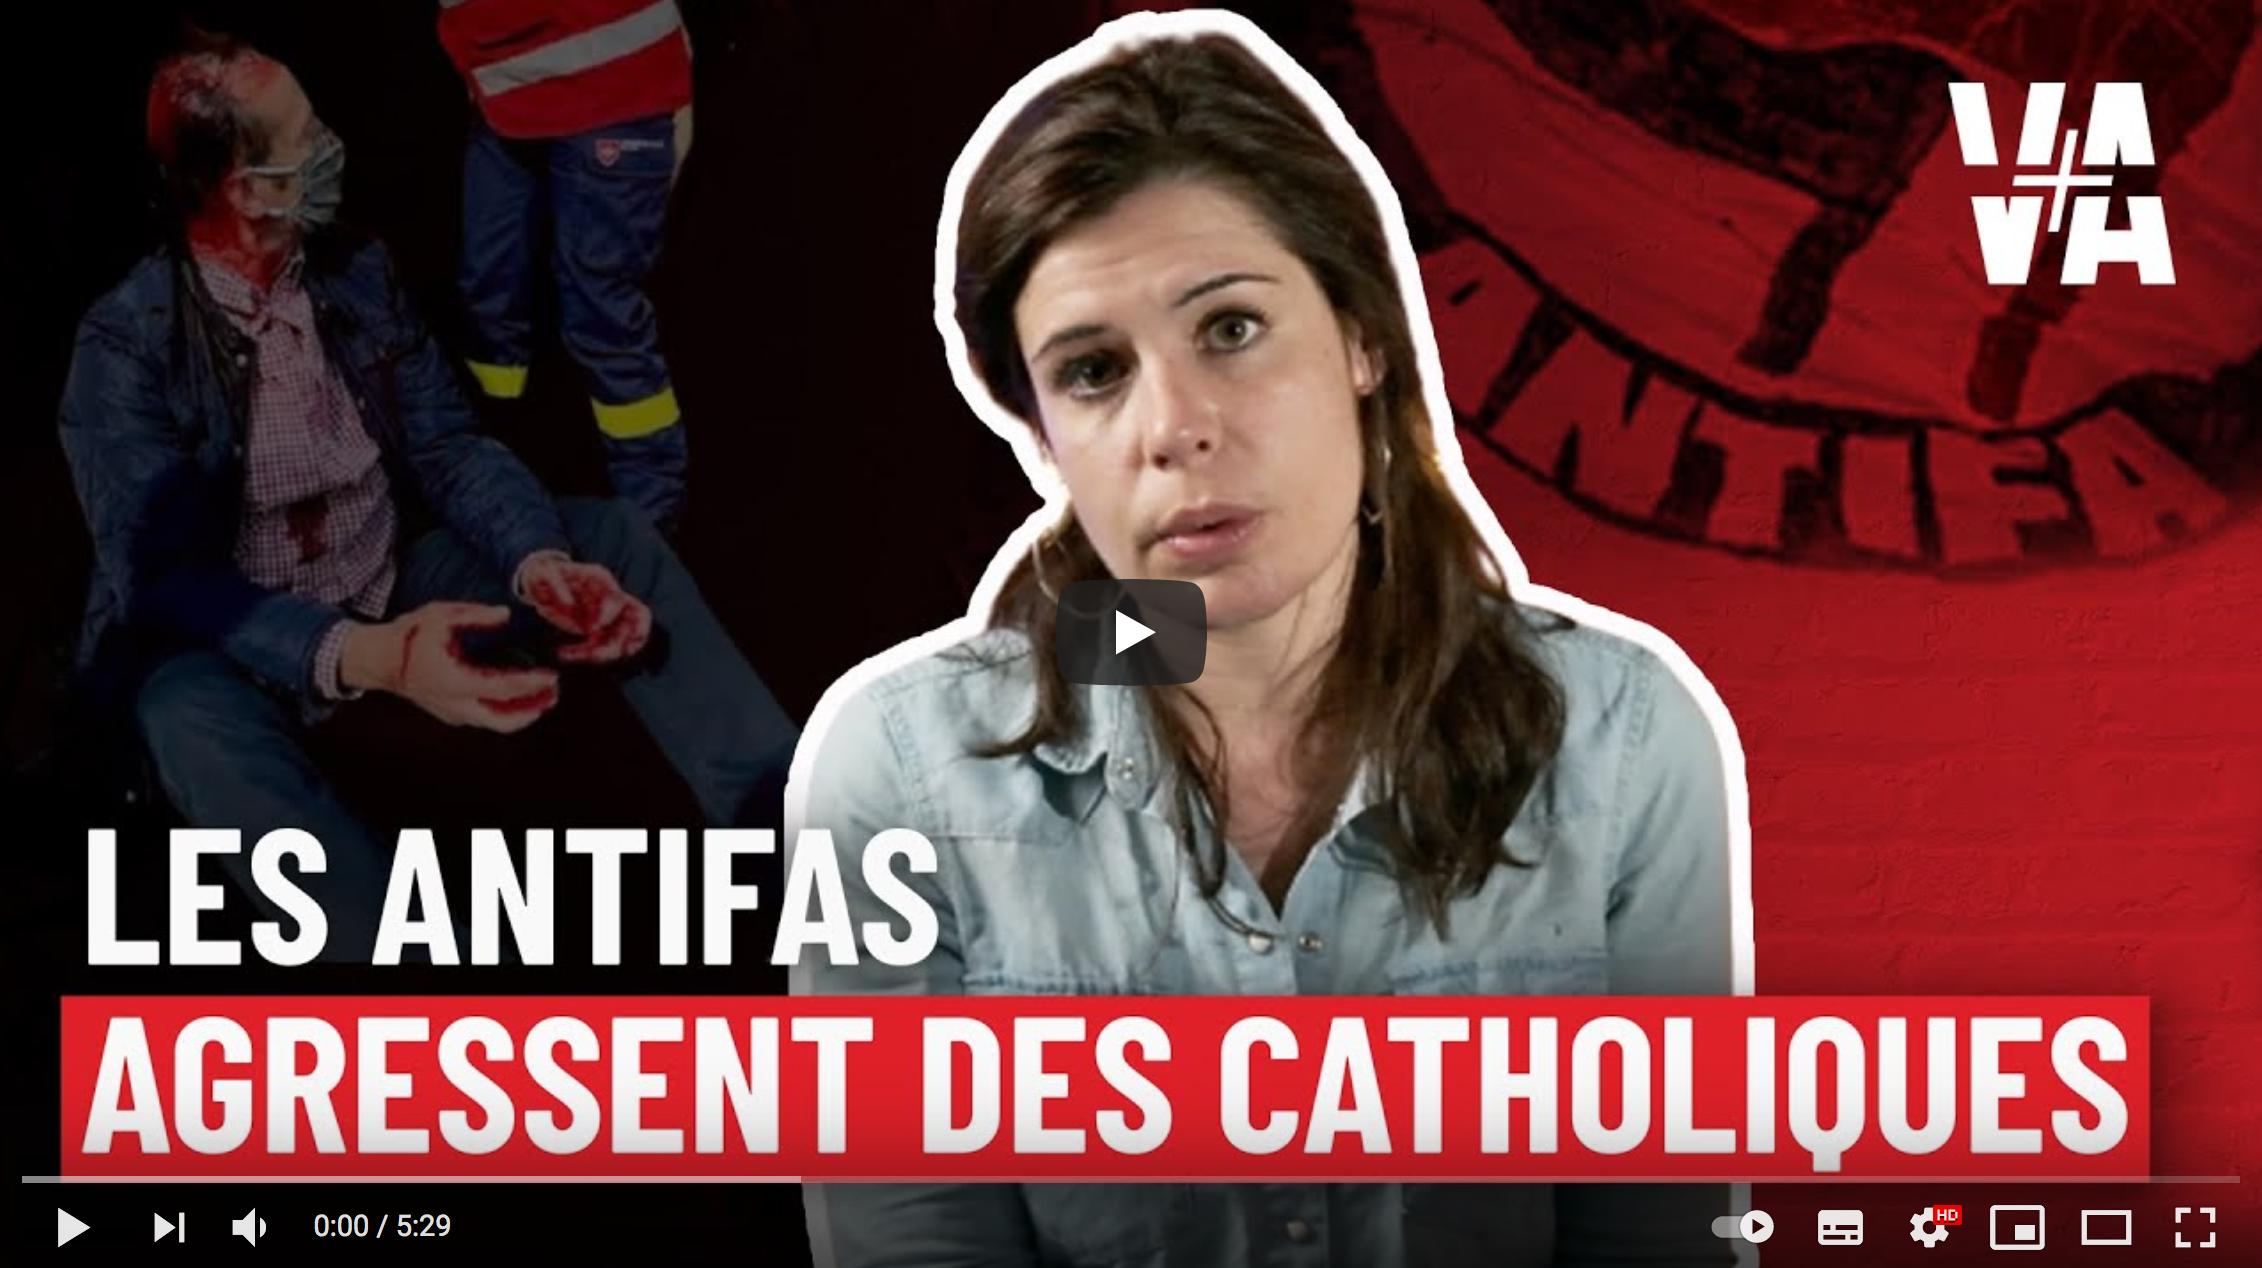 Martyrs de la Commune : Les antifas attaquent les catholiques (Charlotte d'Ornellas)